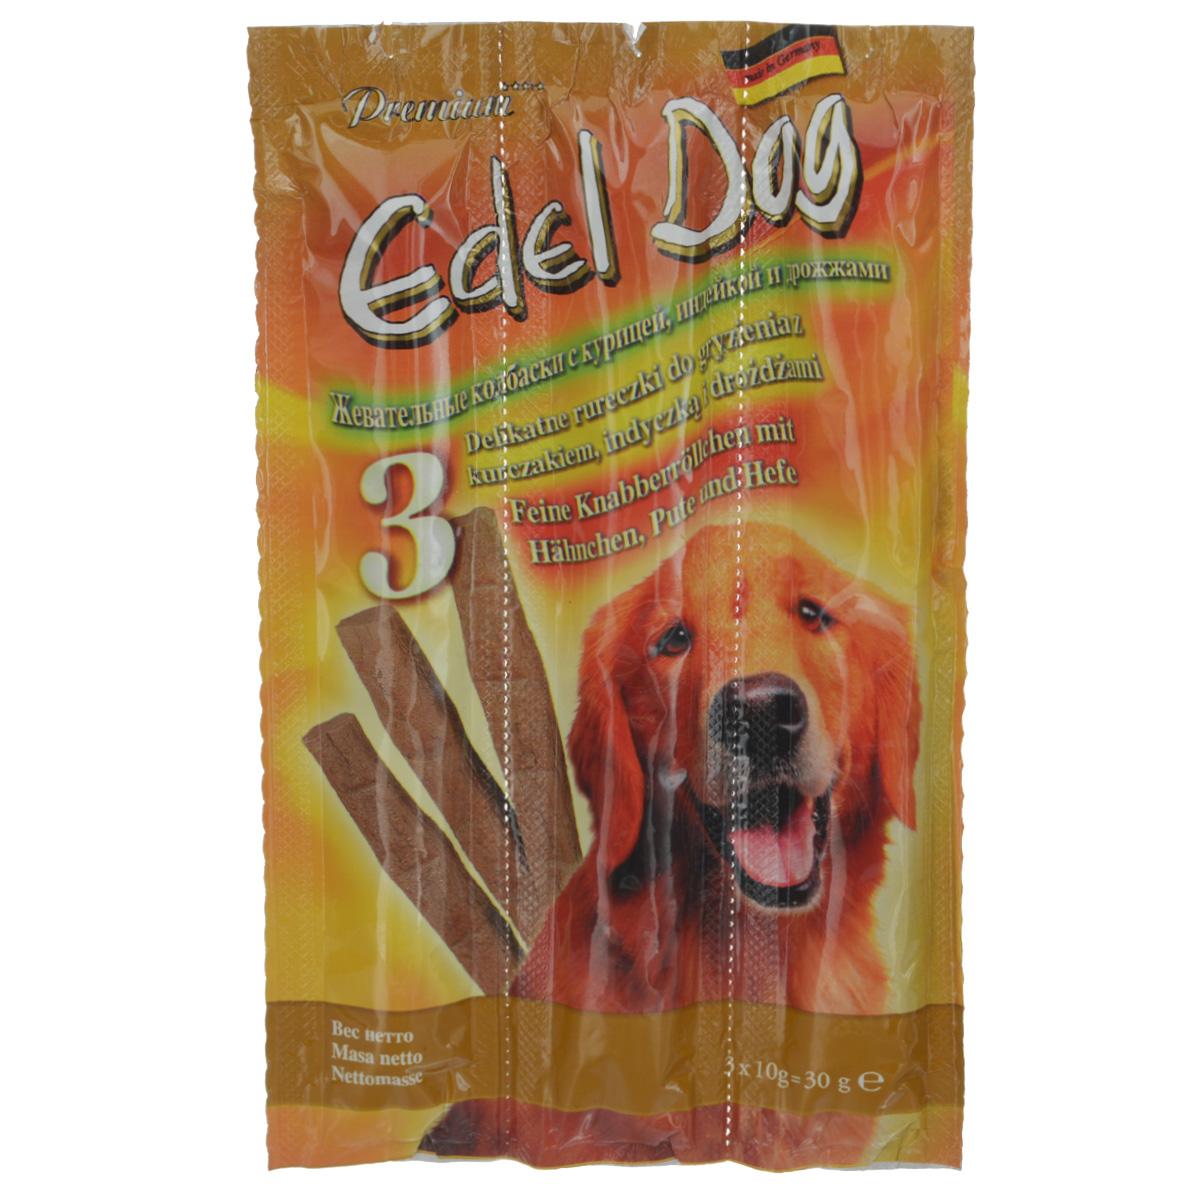 Колбаски жевательные Edel Dog для собак, с курицей, индейкой и дрожжами, 3 шт0120710Жевательные колбаски Edel Dog - это лакомство для собак. Используются в качестве лакомства и в дополнение к основному корму. На 95% состоят из свежего мяса с добавлением витаминно-минерального комплекса.Состав: мясо и мясопродукты (90%, в том числе 6% курицы, 6% индейки), дрожжи (4%), минеральные вещества.Технологические добавки: антиоксиданты, консерванты.Аналитический состав: сырой протеин 35%, влажность 27%, сырой жир 21%, сырая зола 9%, сырая клетчатка 0,5%.Товар сертифицирован.